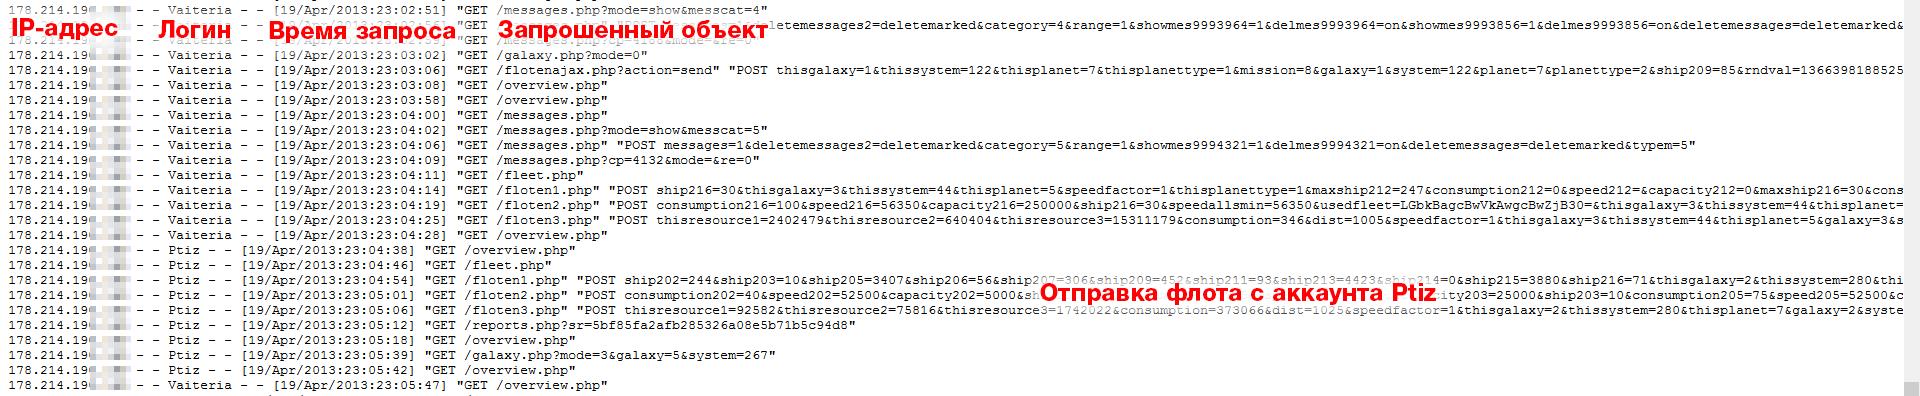 http://uni1.blazar.ru/images/temp/vaiteria.png